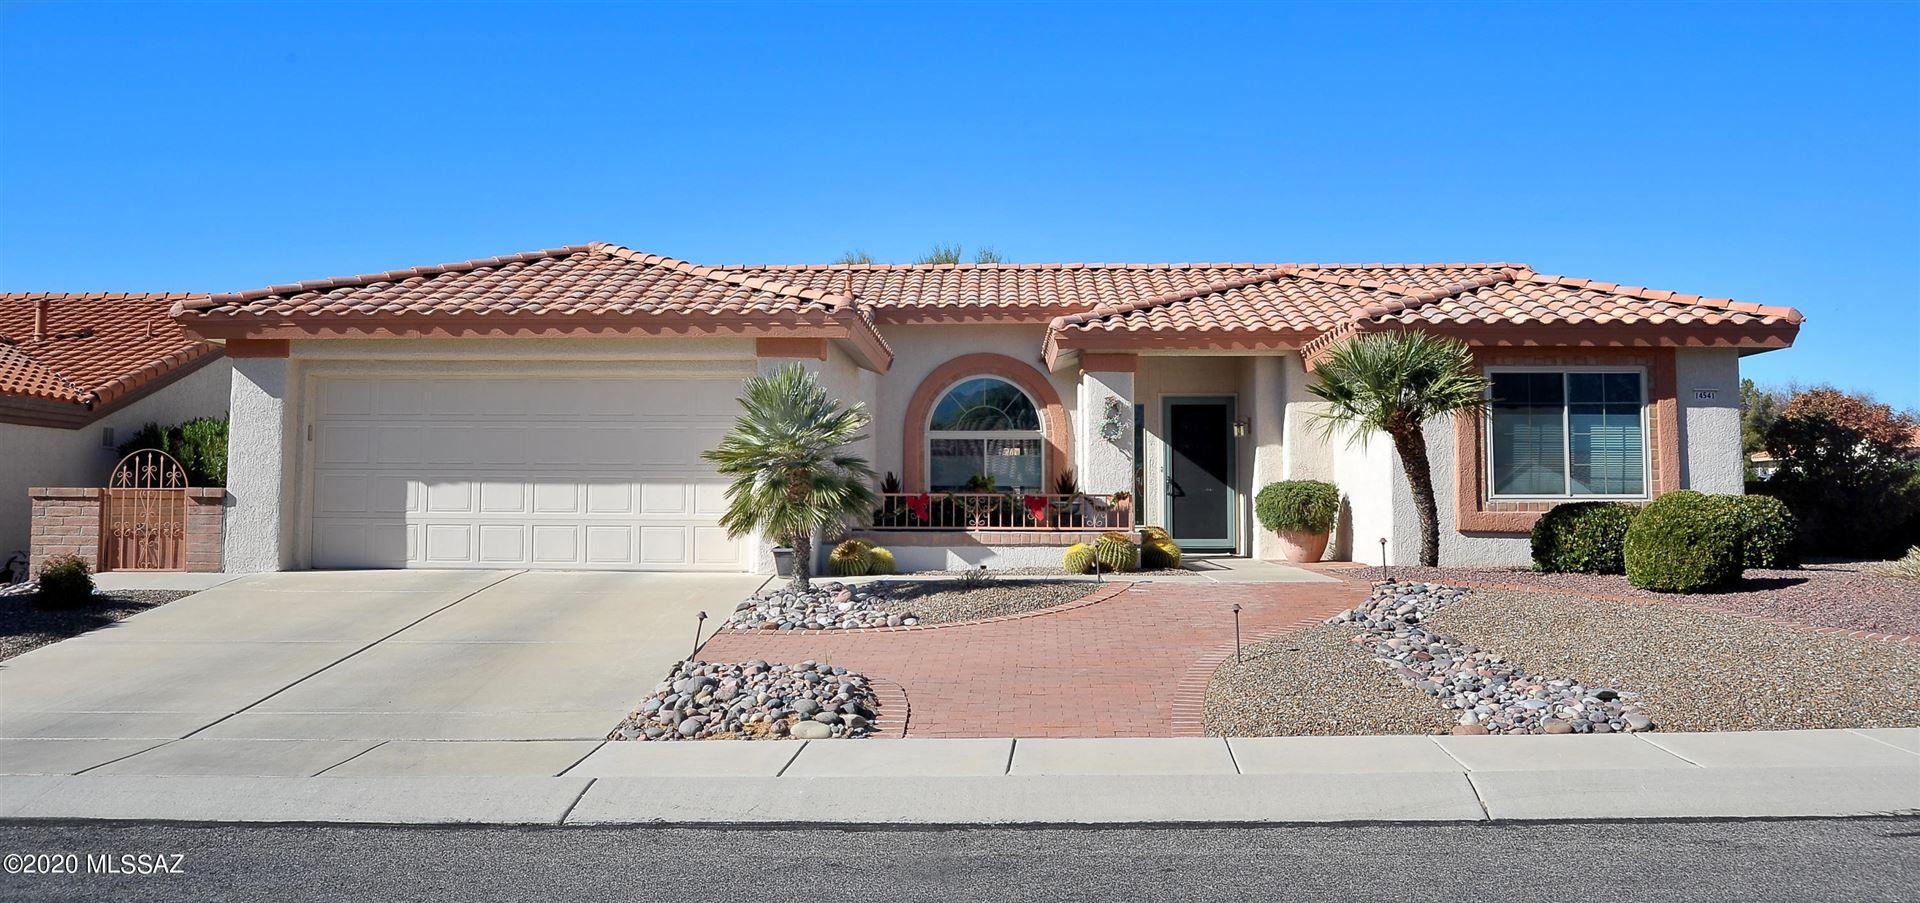 14541 N Rock Springs Lane, Oro Valley, AZ 85755 - MLS#: 22101124